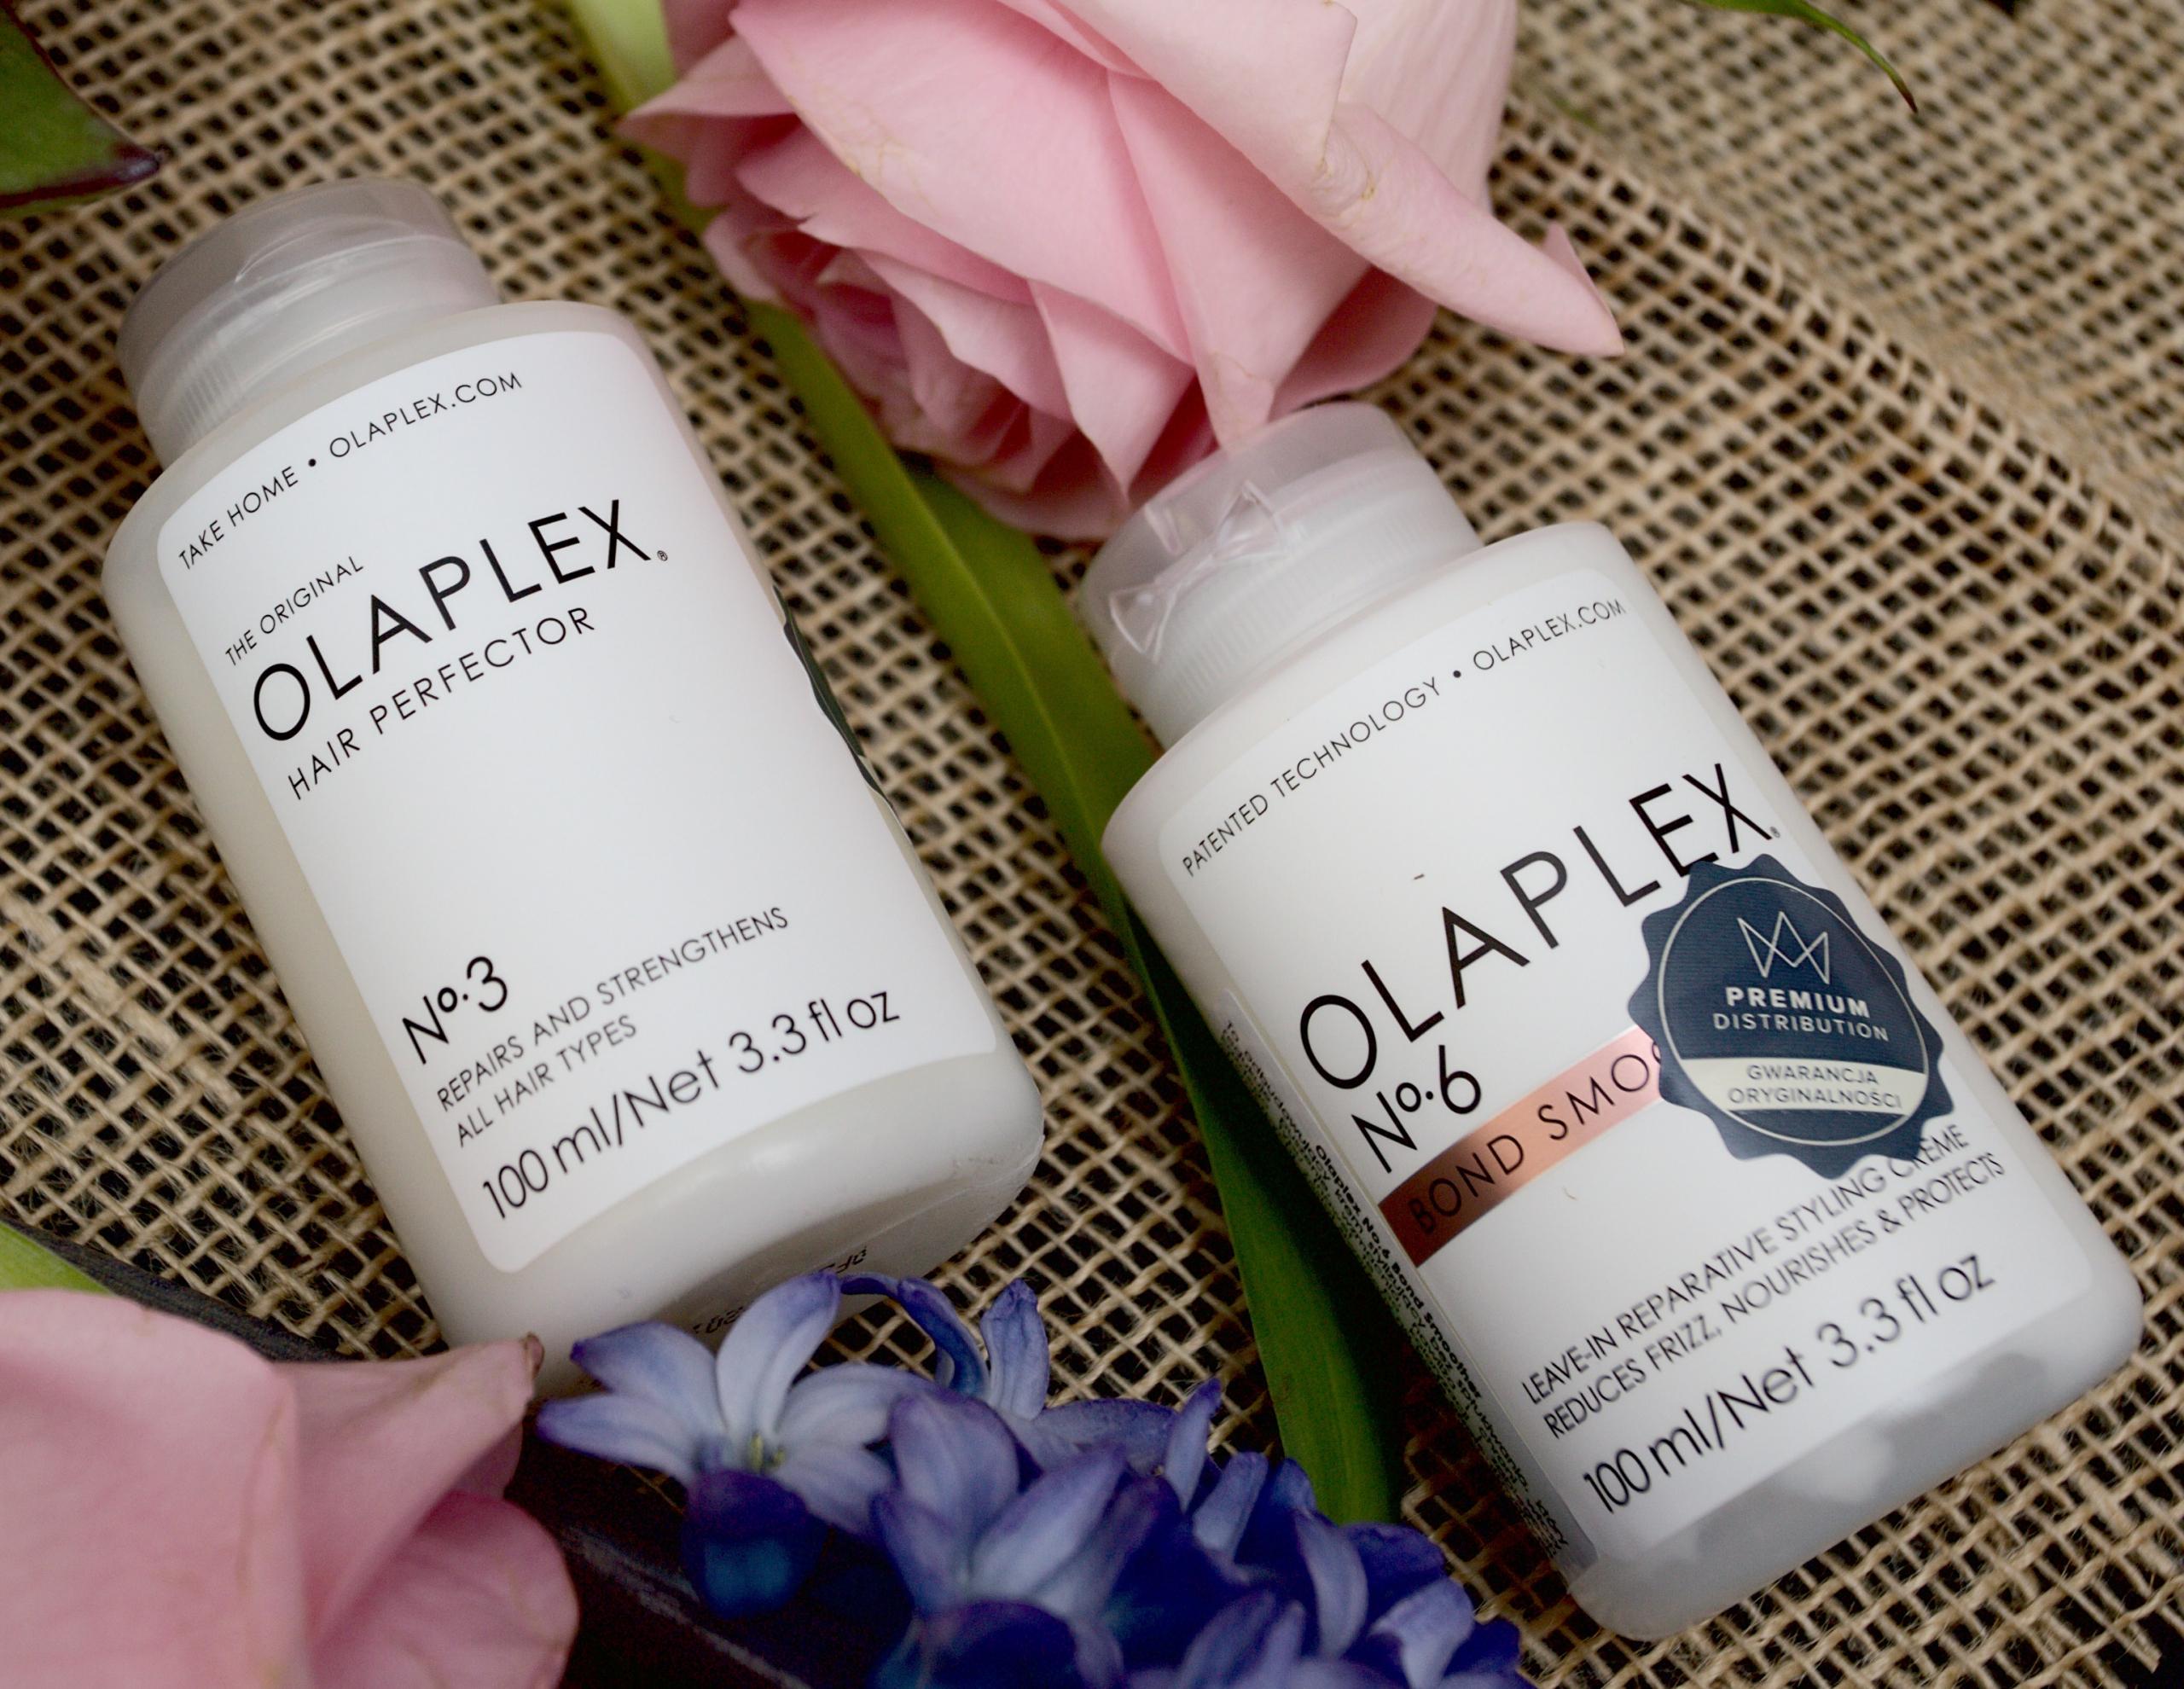 Kosmetyki Olaplex opinia